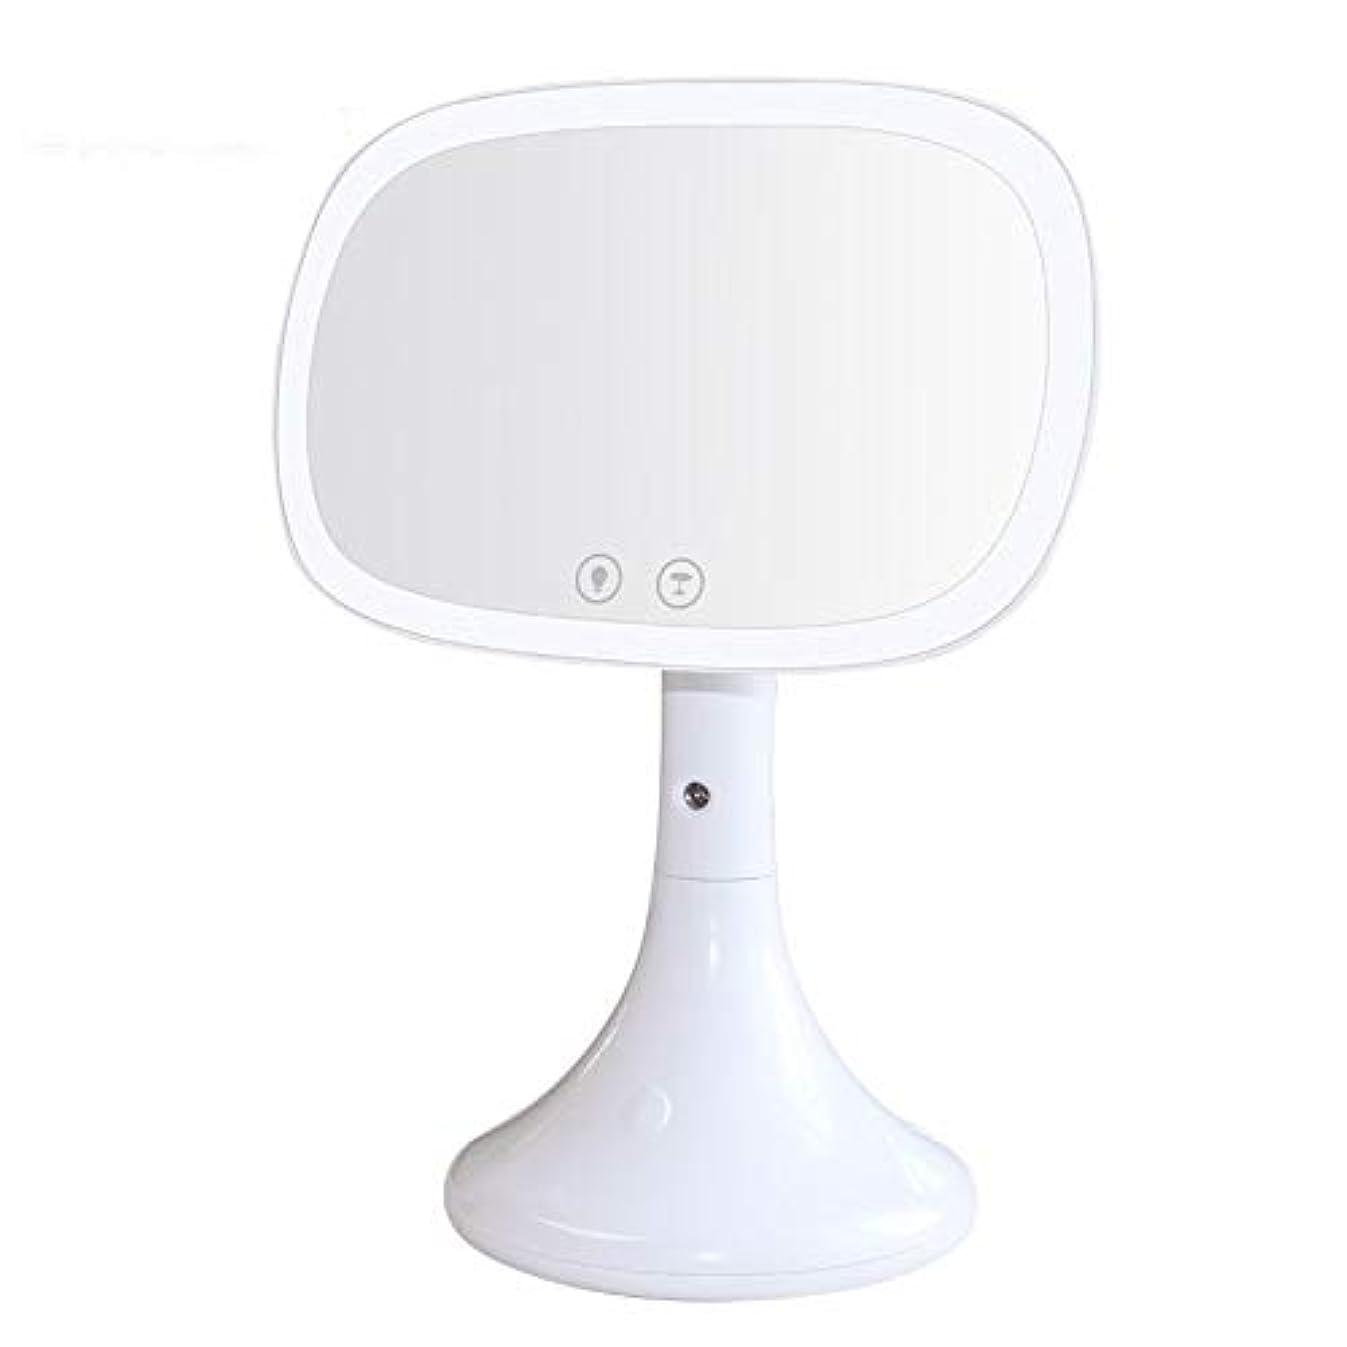 オアシススイス人含意流行の USBデスクトップ化粧鏡LED美容保湿化粧鏡水スプレーホワイトピンク (色 : White)